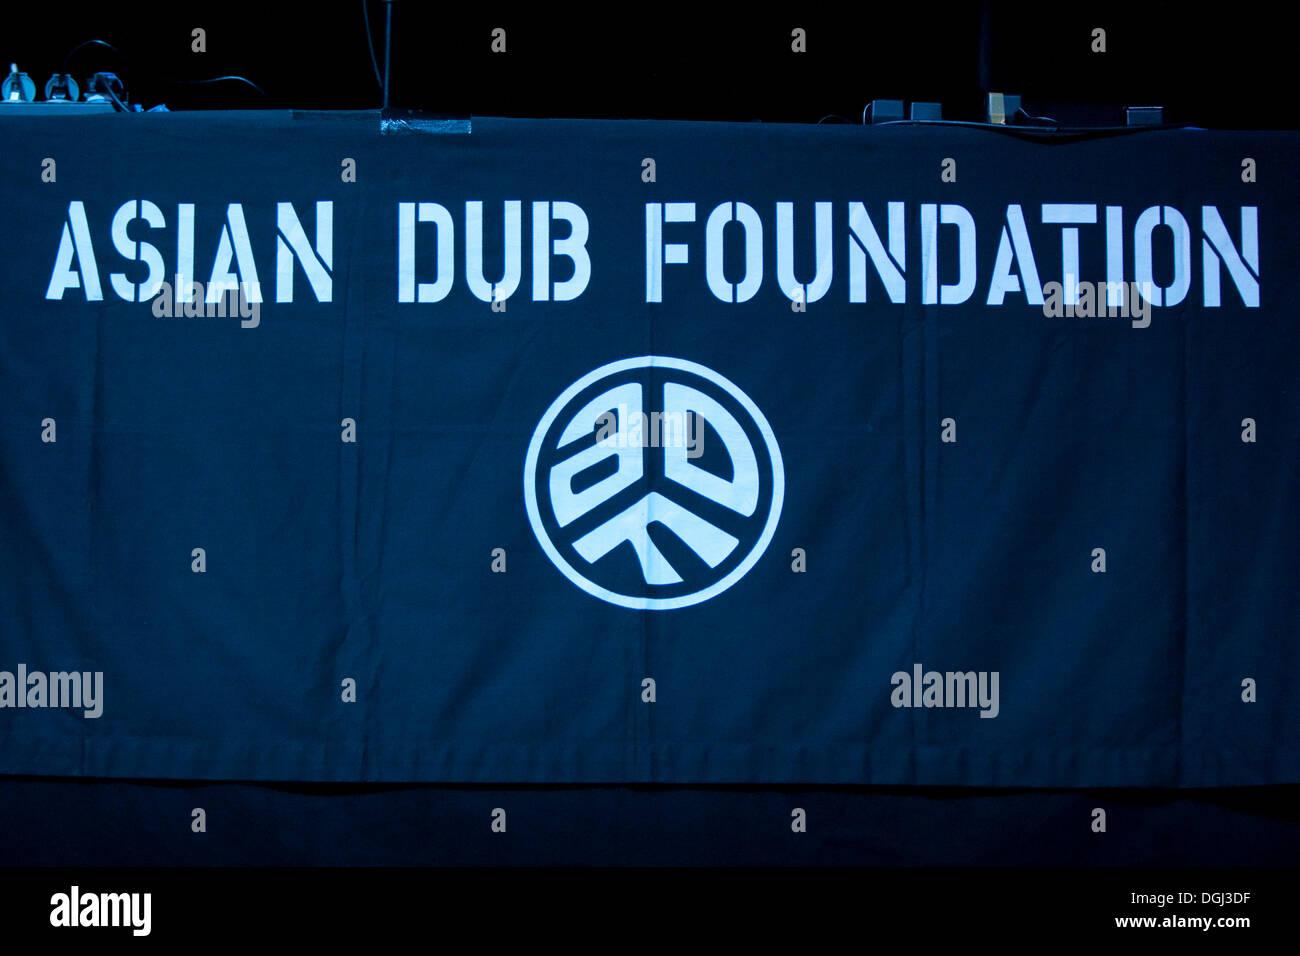 Asian dub foundation trafalgar square